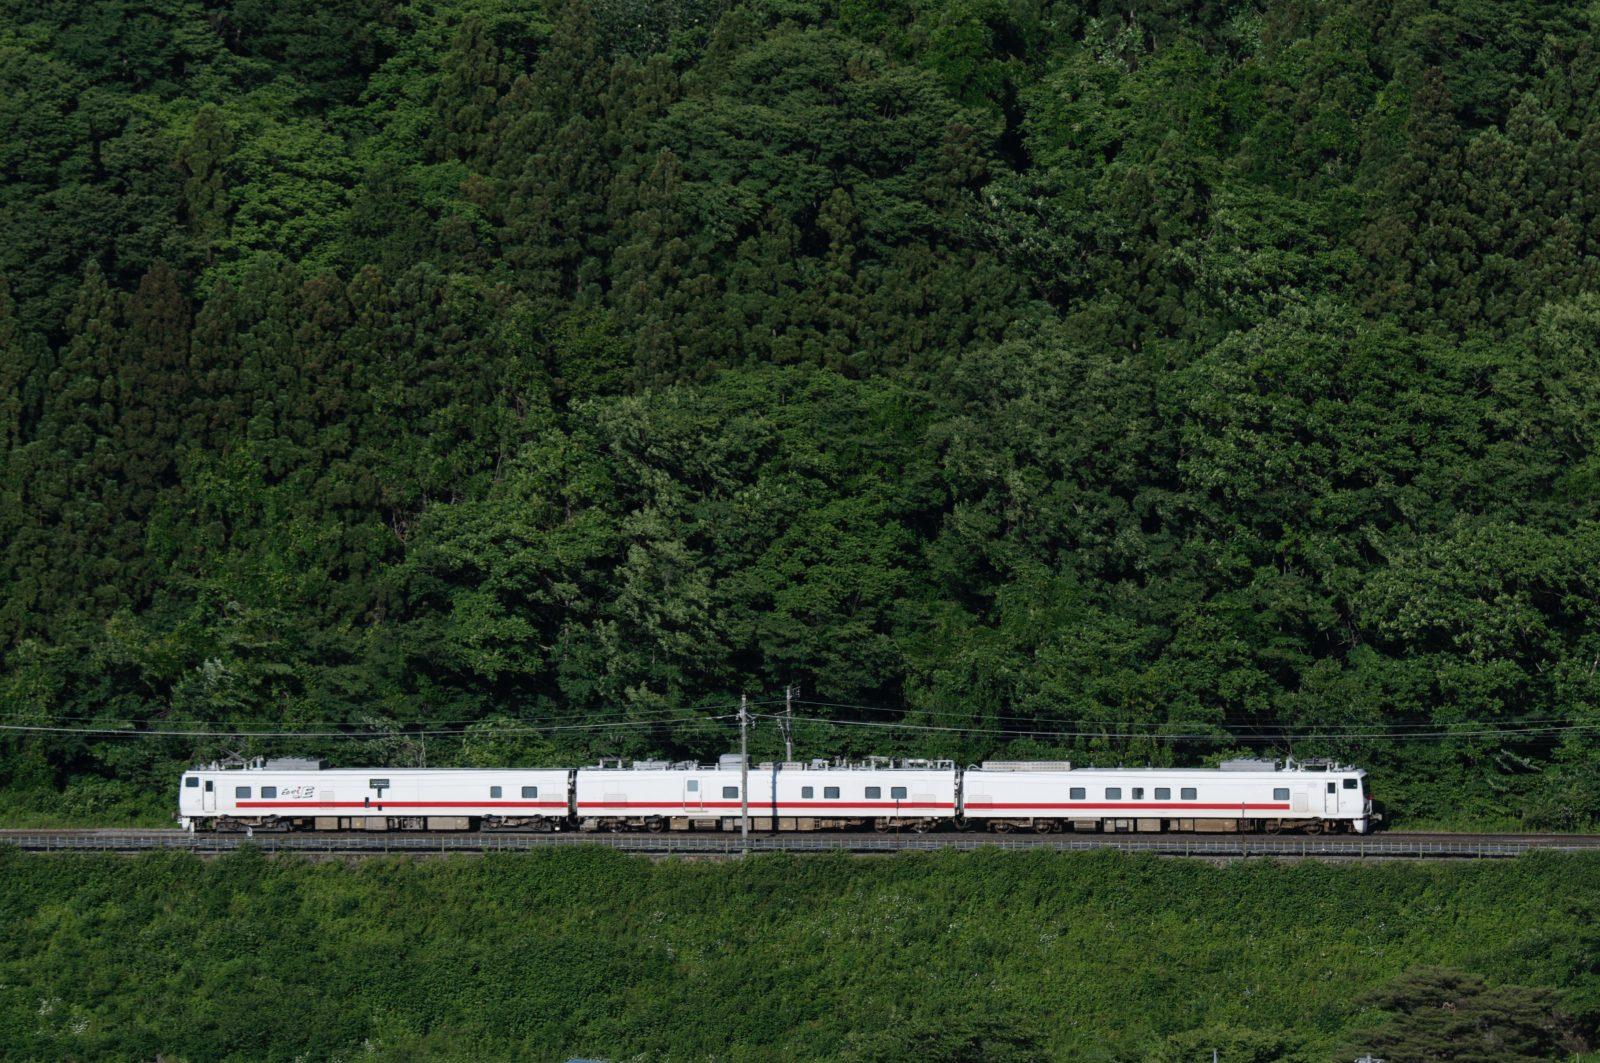 EF81 98牽引キヤ回と上越線E491系East i-E